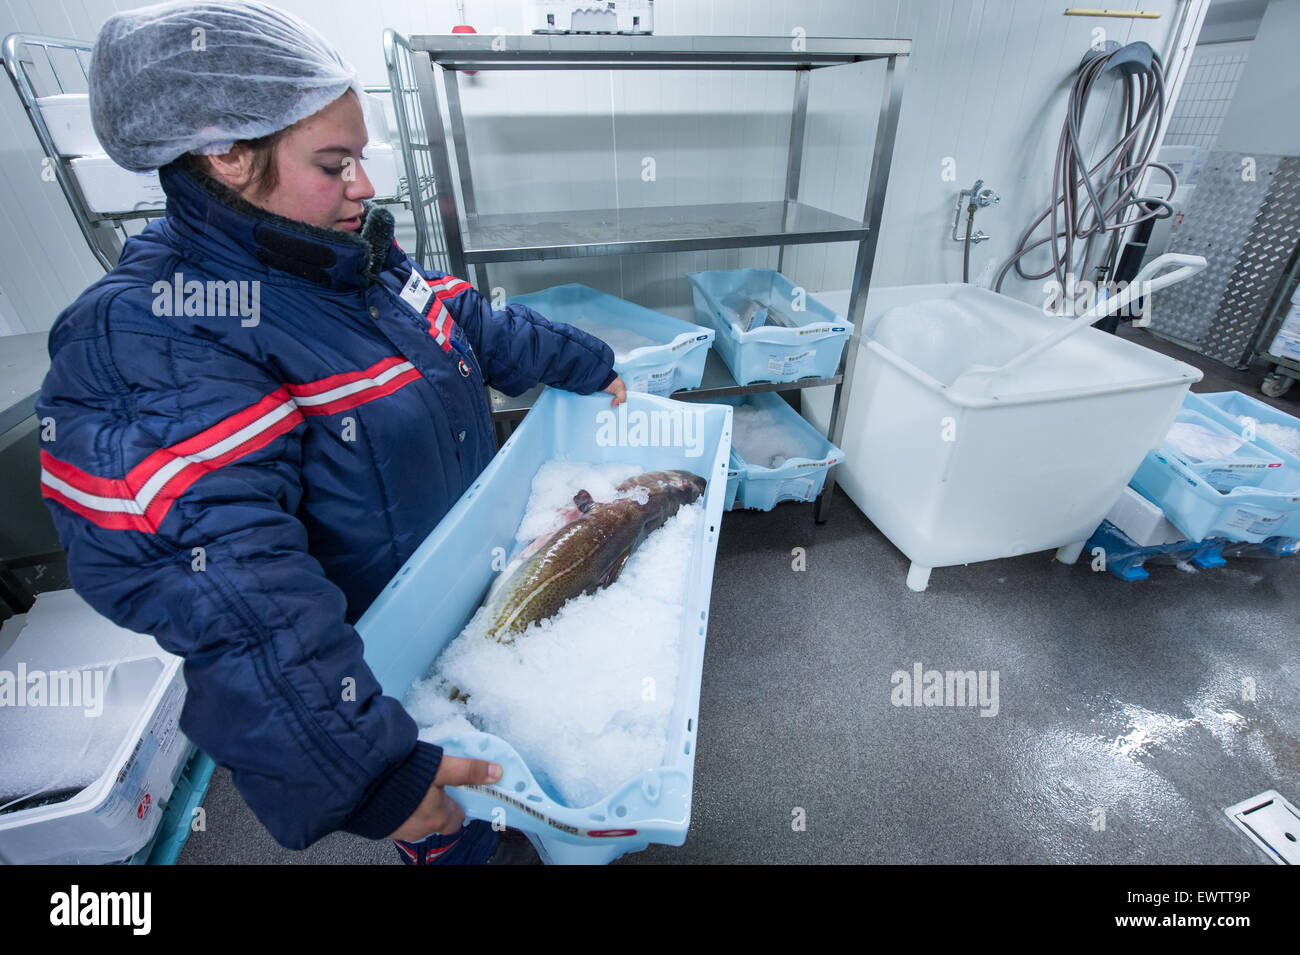 Fish Wholesaler Stock Photos & Fish Wholesaler Stock Images - Alamy